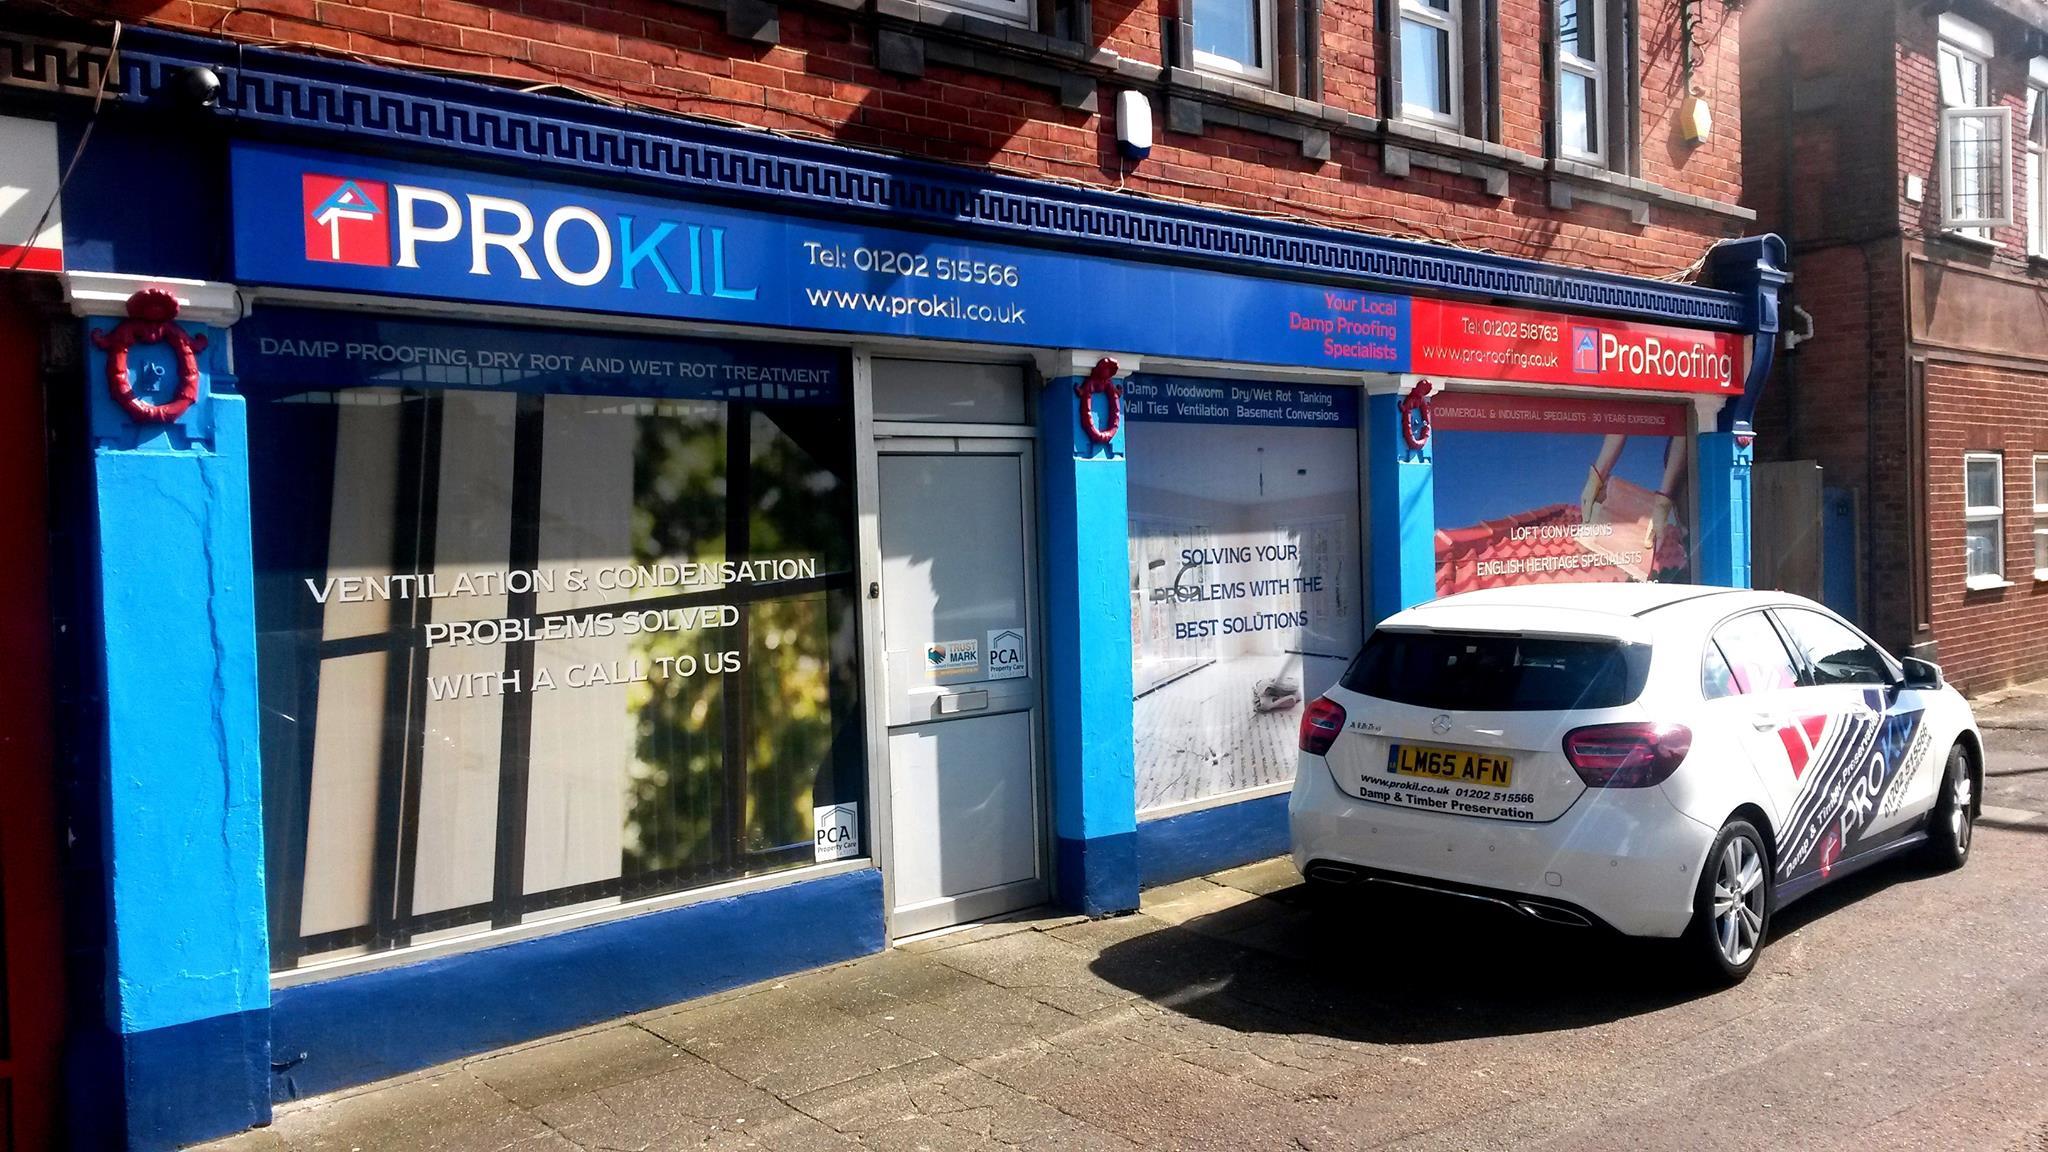 Van based franchise Prokil announce Brighton Franchisees